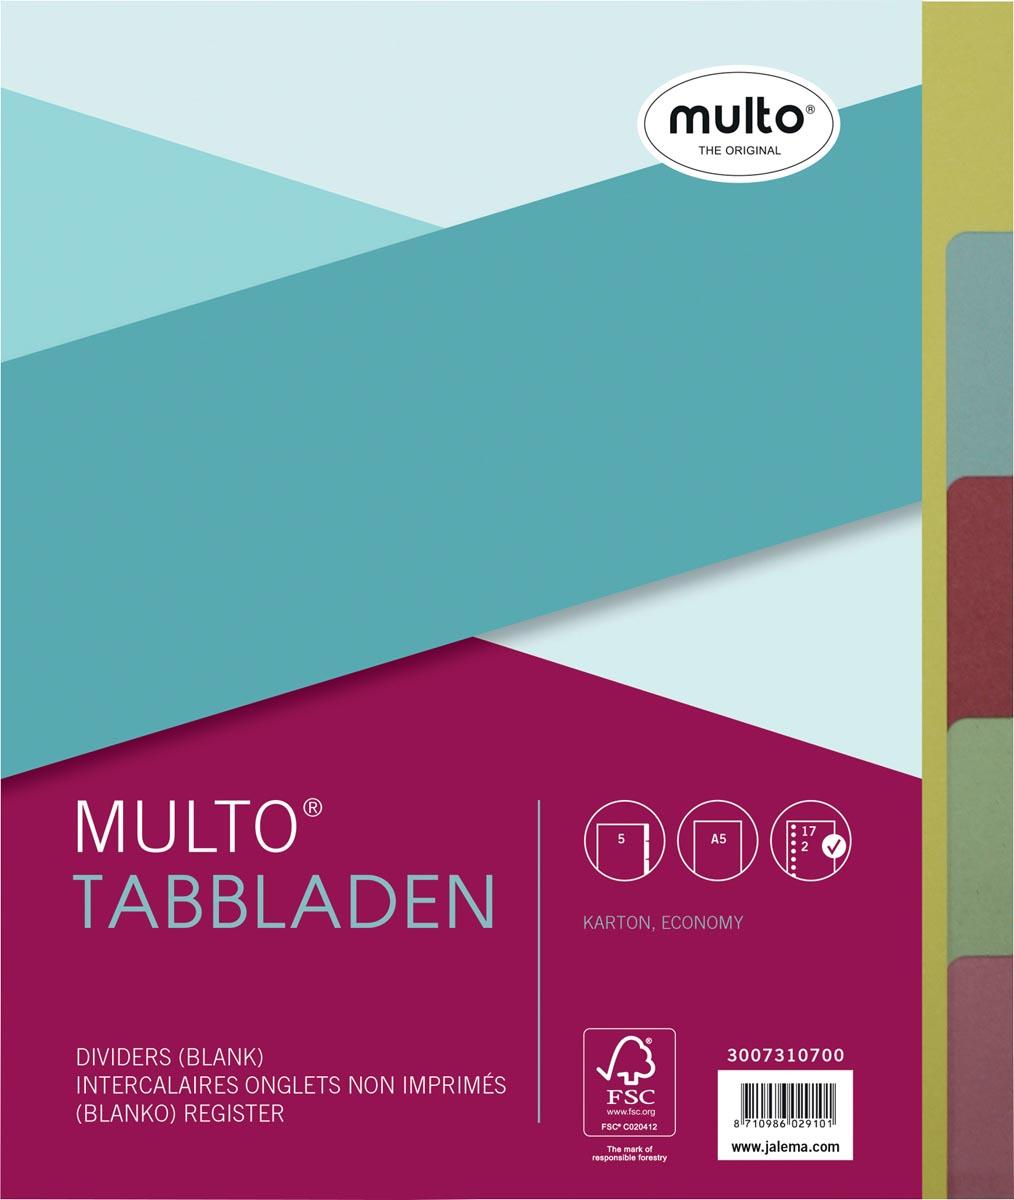 Multo tabbladen ft A5, 5-delig, 17-gaatsperforatie, karton van 250 g/m�